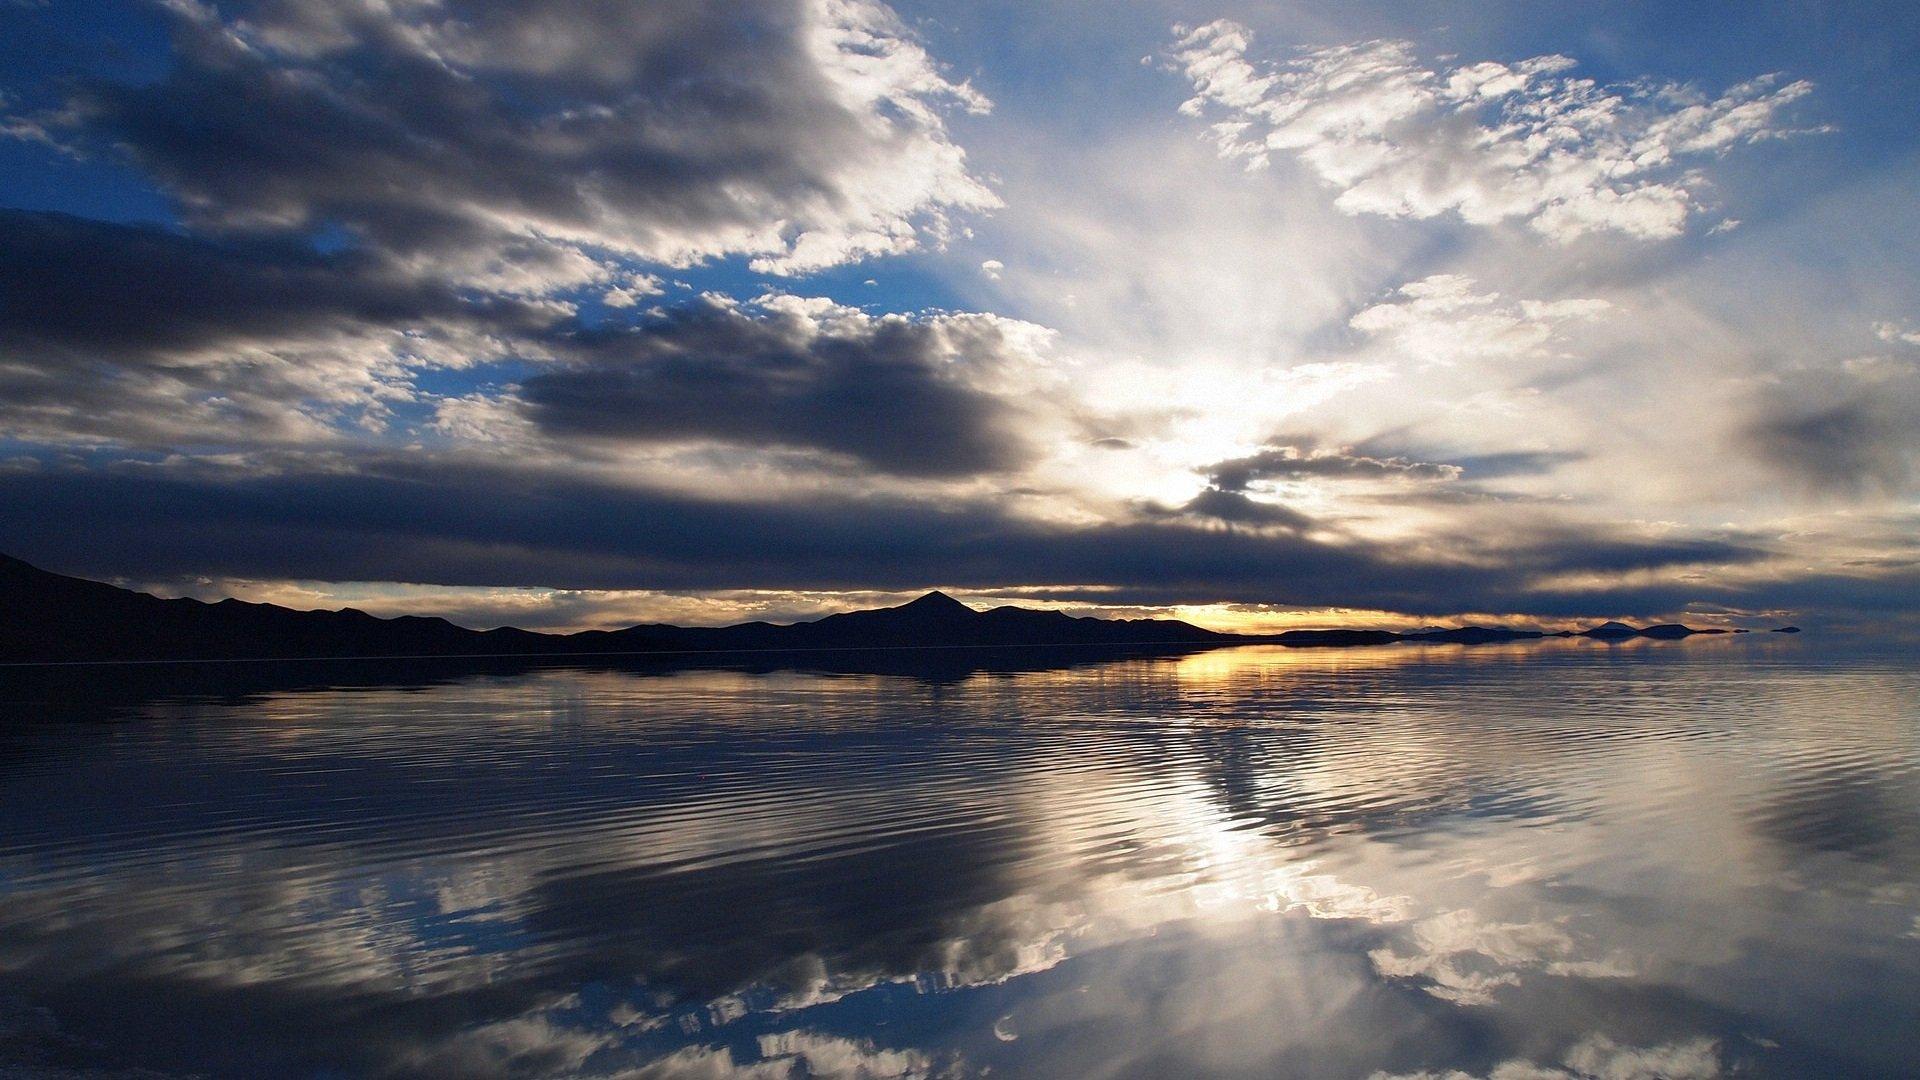 电脑桌面壁纸全屏风景 倒映在水里的蓝天白云唯美风景图片电脑桌面